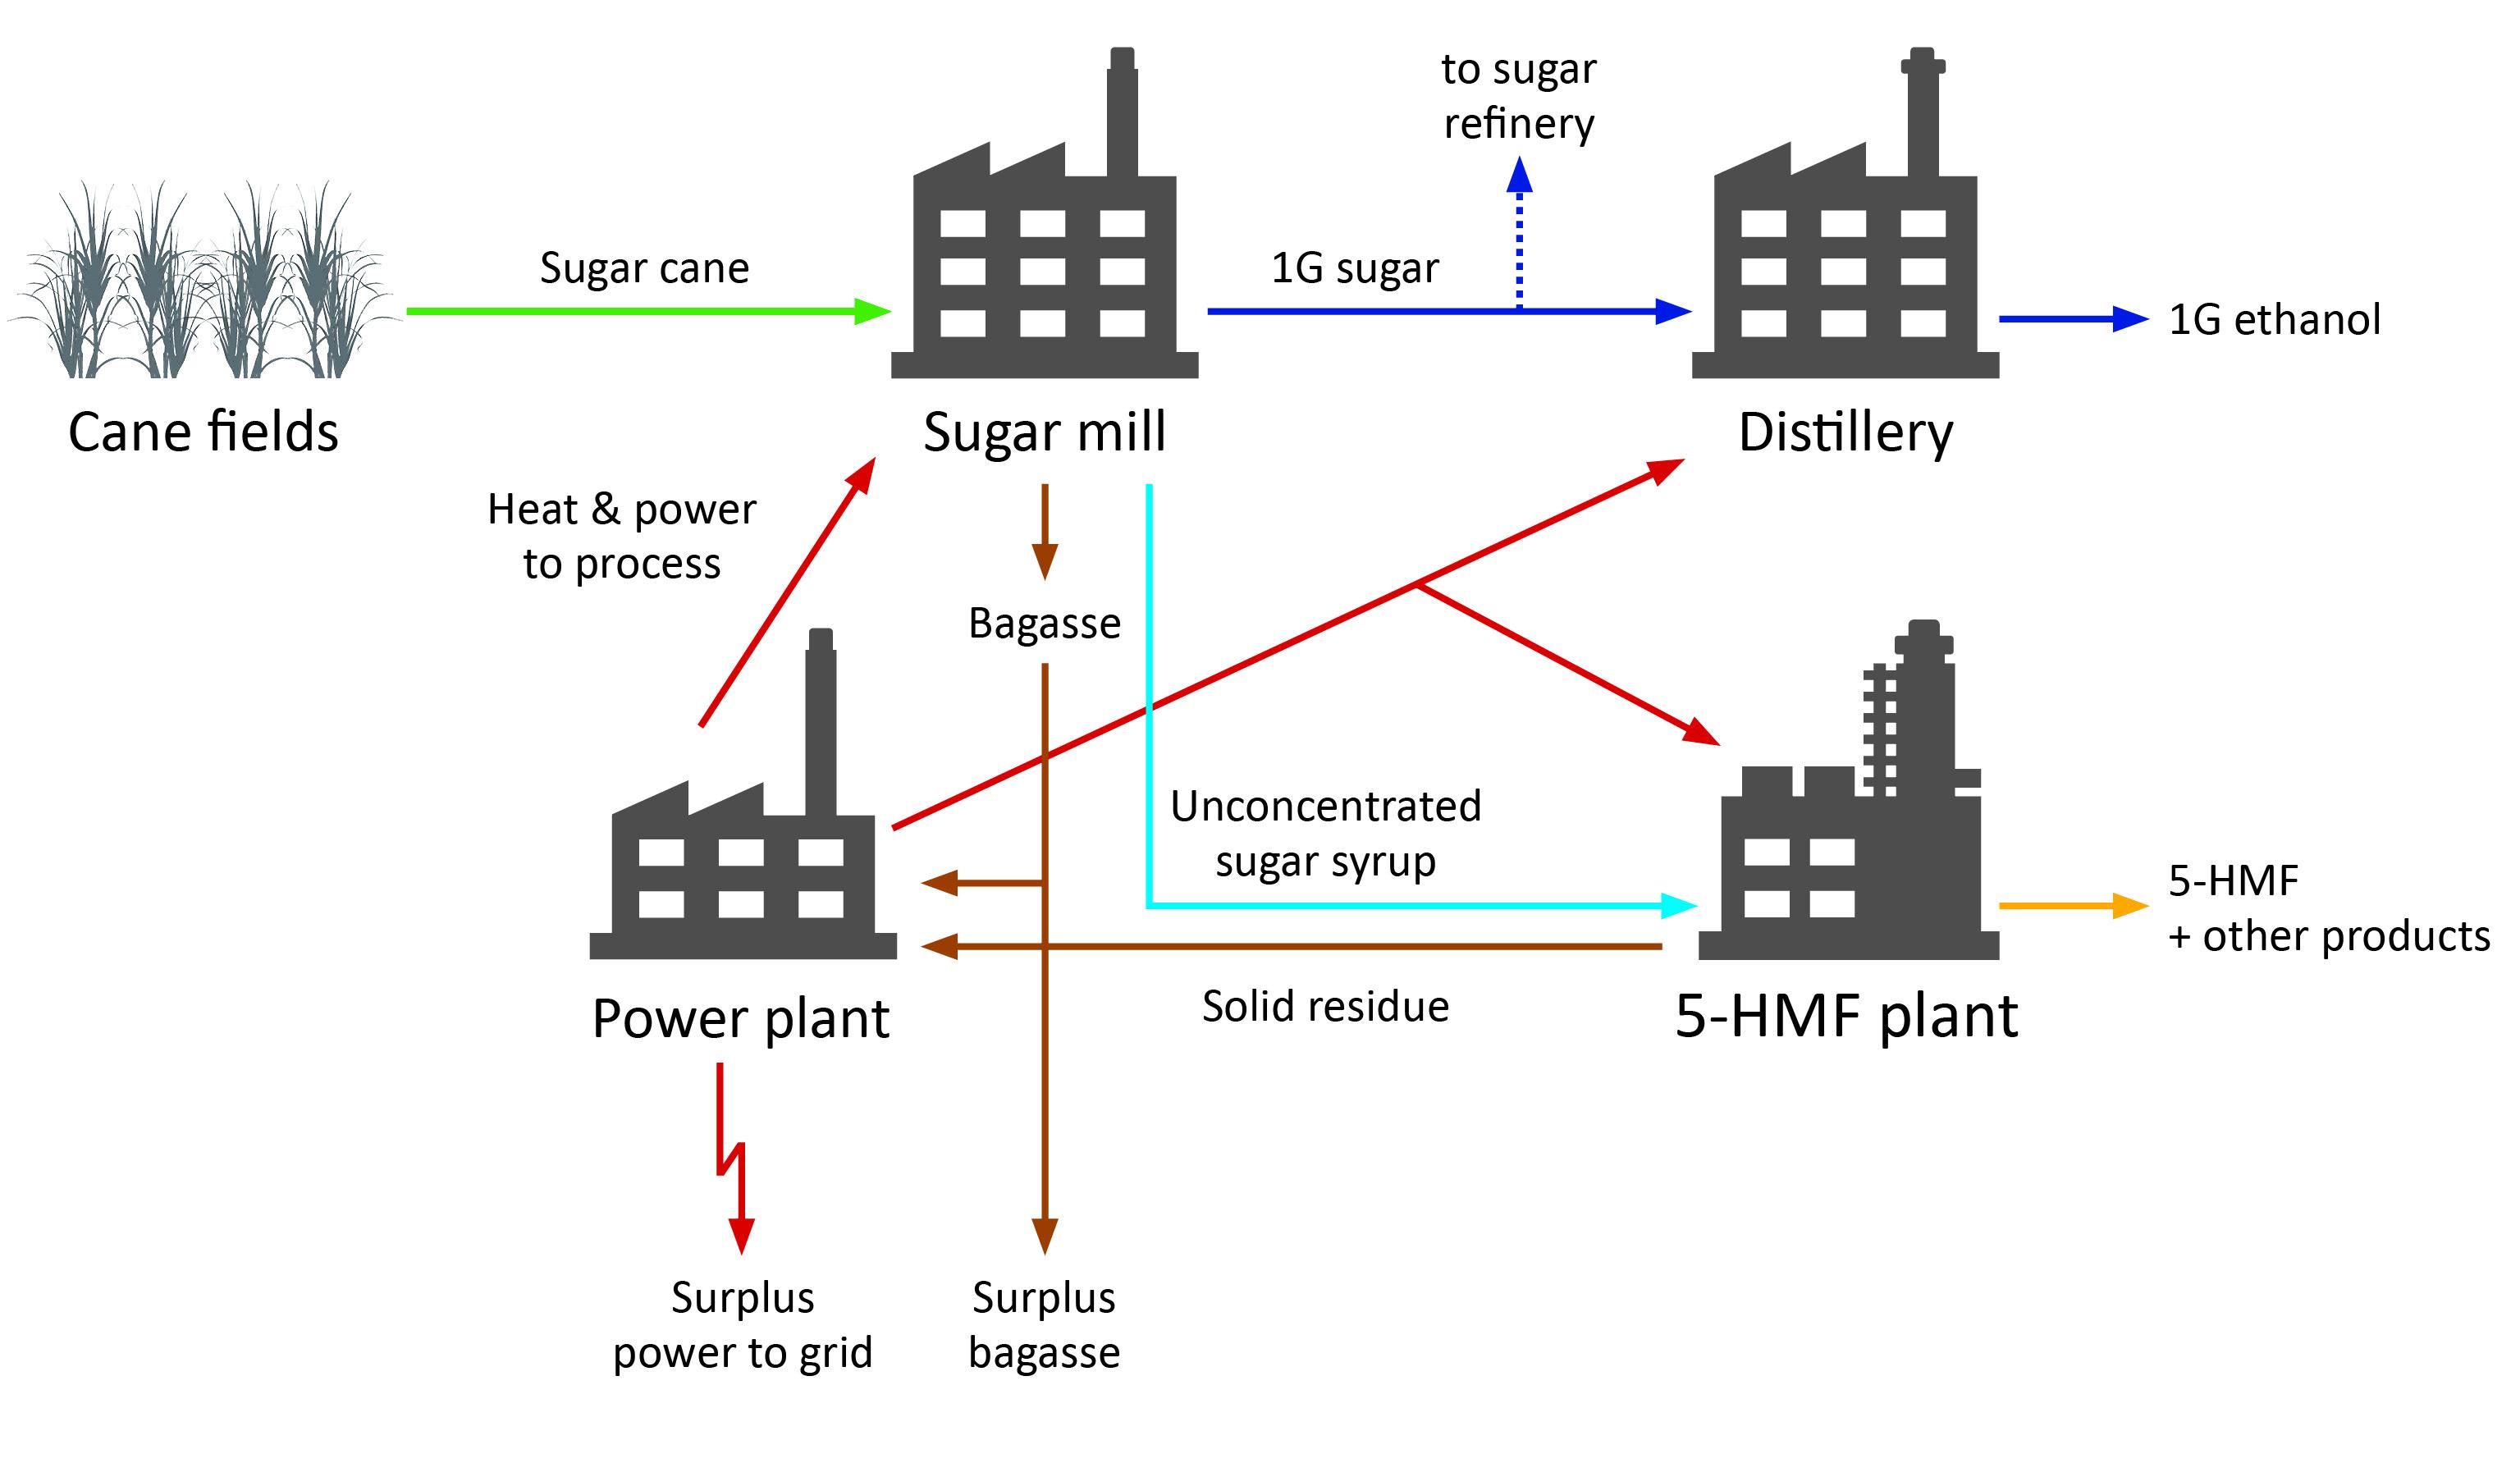 T. Kläusli on Platform Chemicals from Renewables